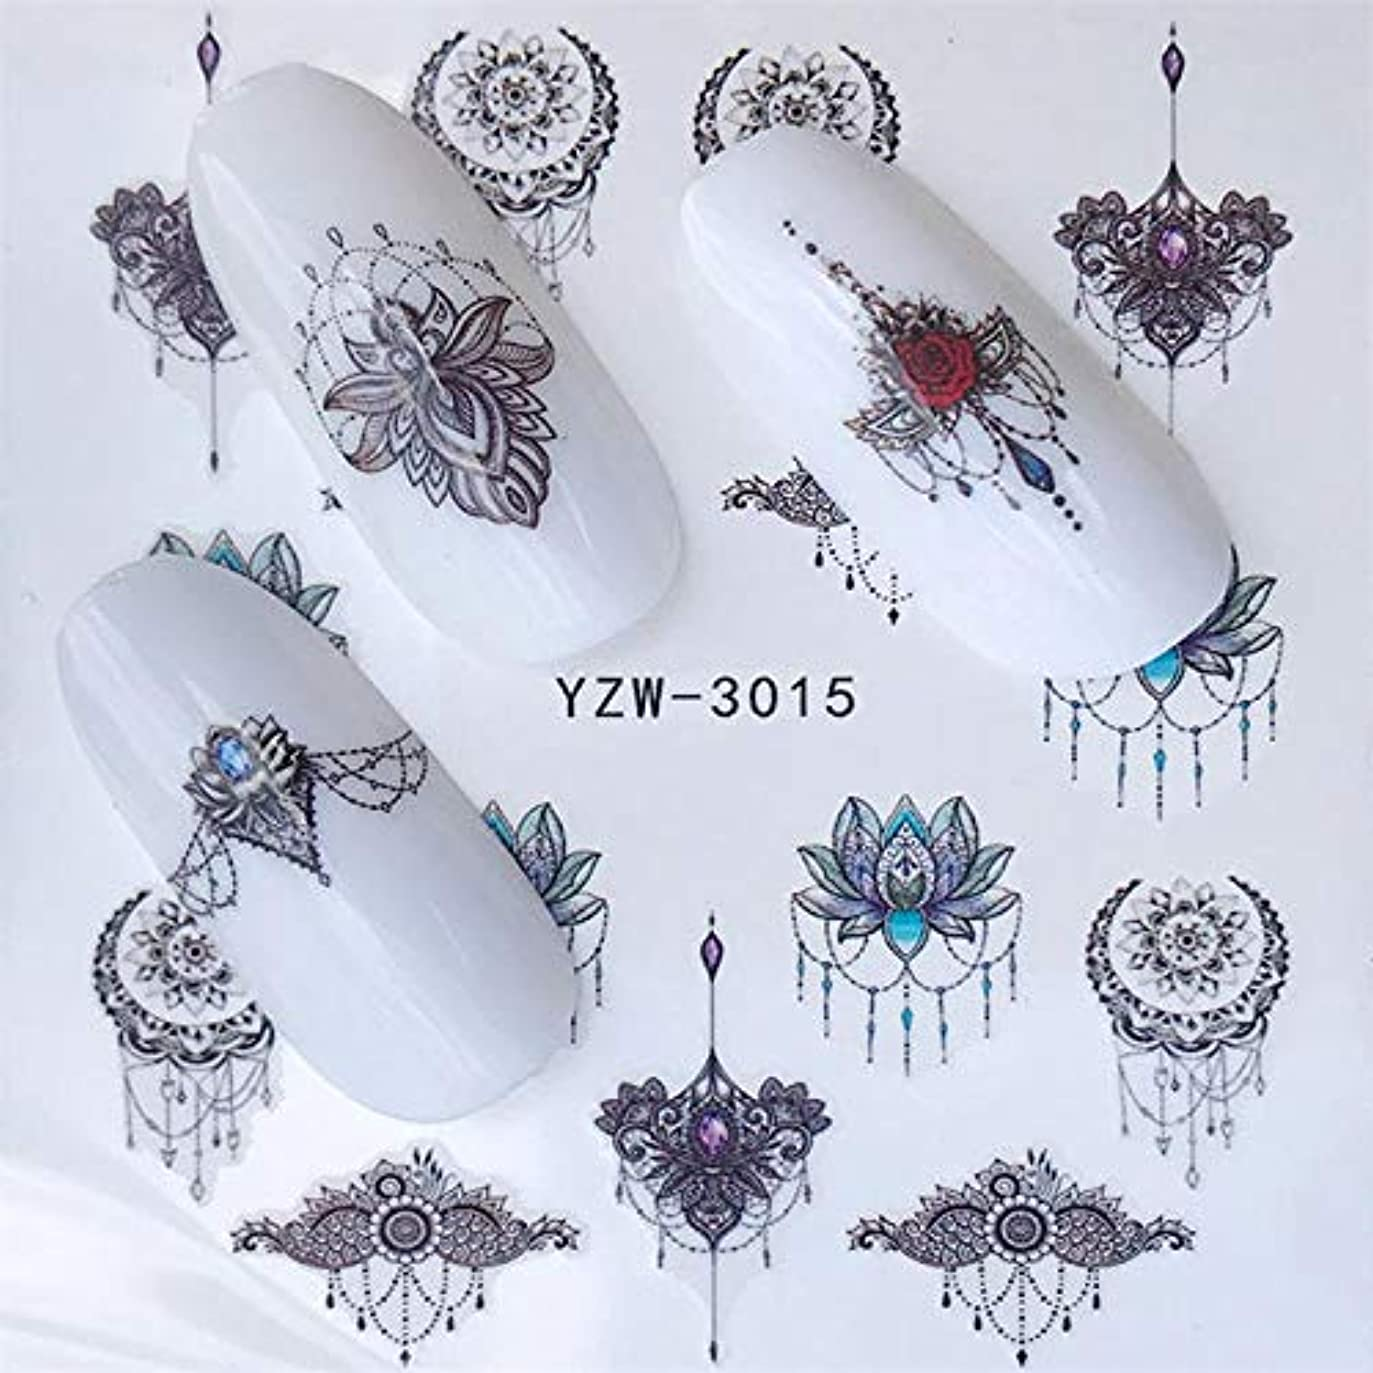 結論キャンペーン窓を洗うSUKTI&XIAO ネイルステッカー ネイルアートの透かしの入れ墨の装飾、Yzw-3015のためのネックレスの設計を設計して下さい